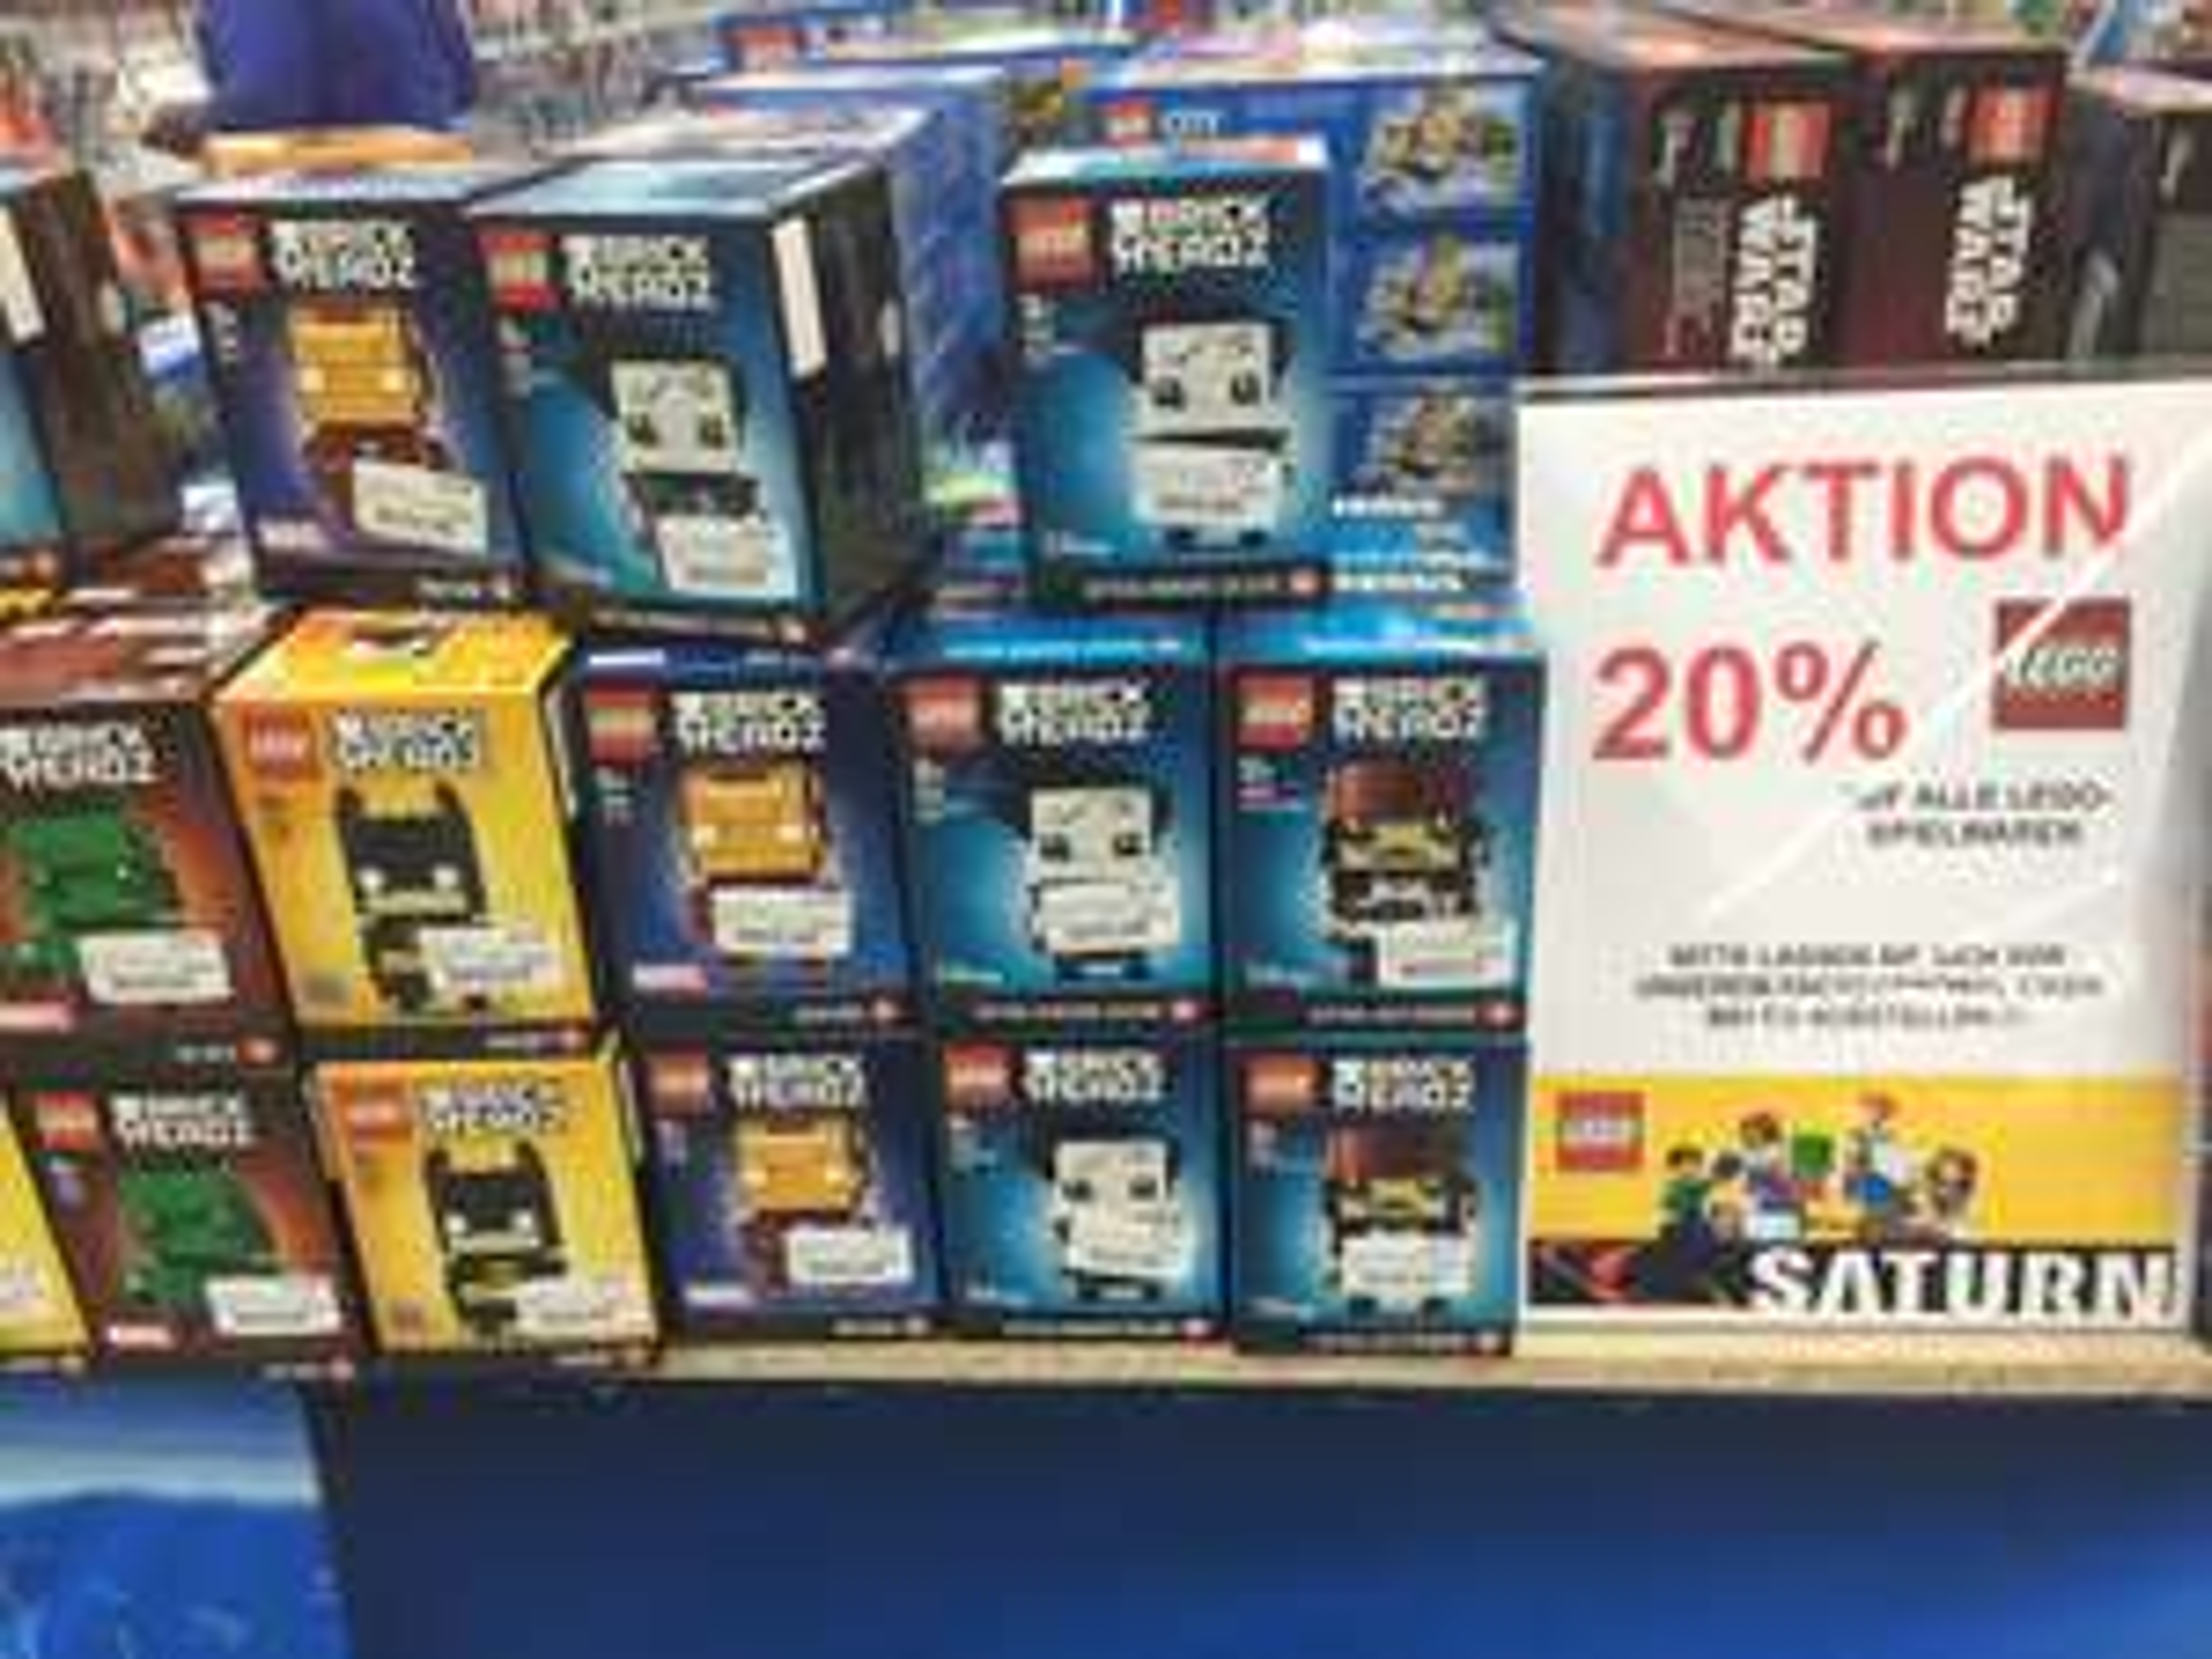 Lokal Saturn Erlangen 20% Auf Lego Sortiment